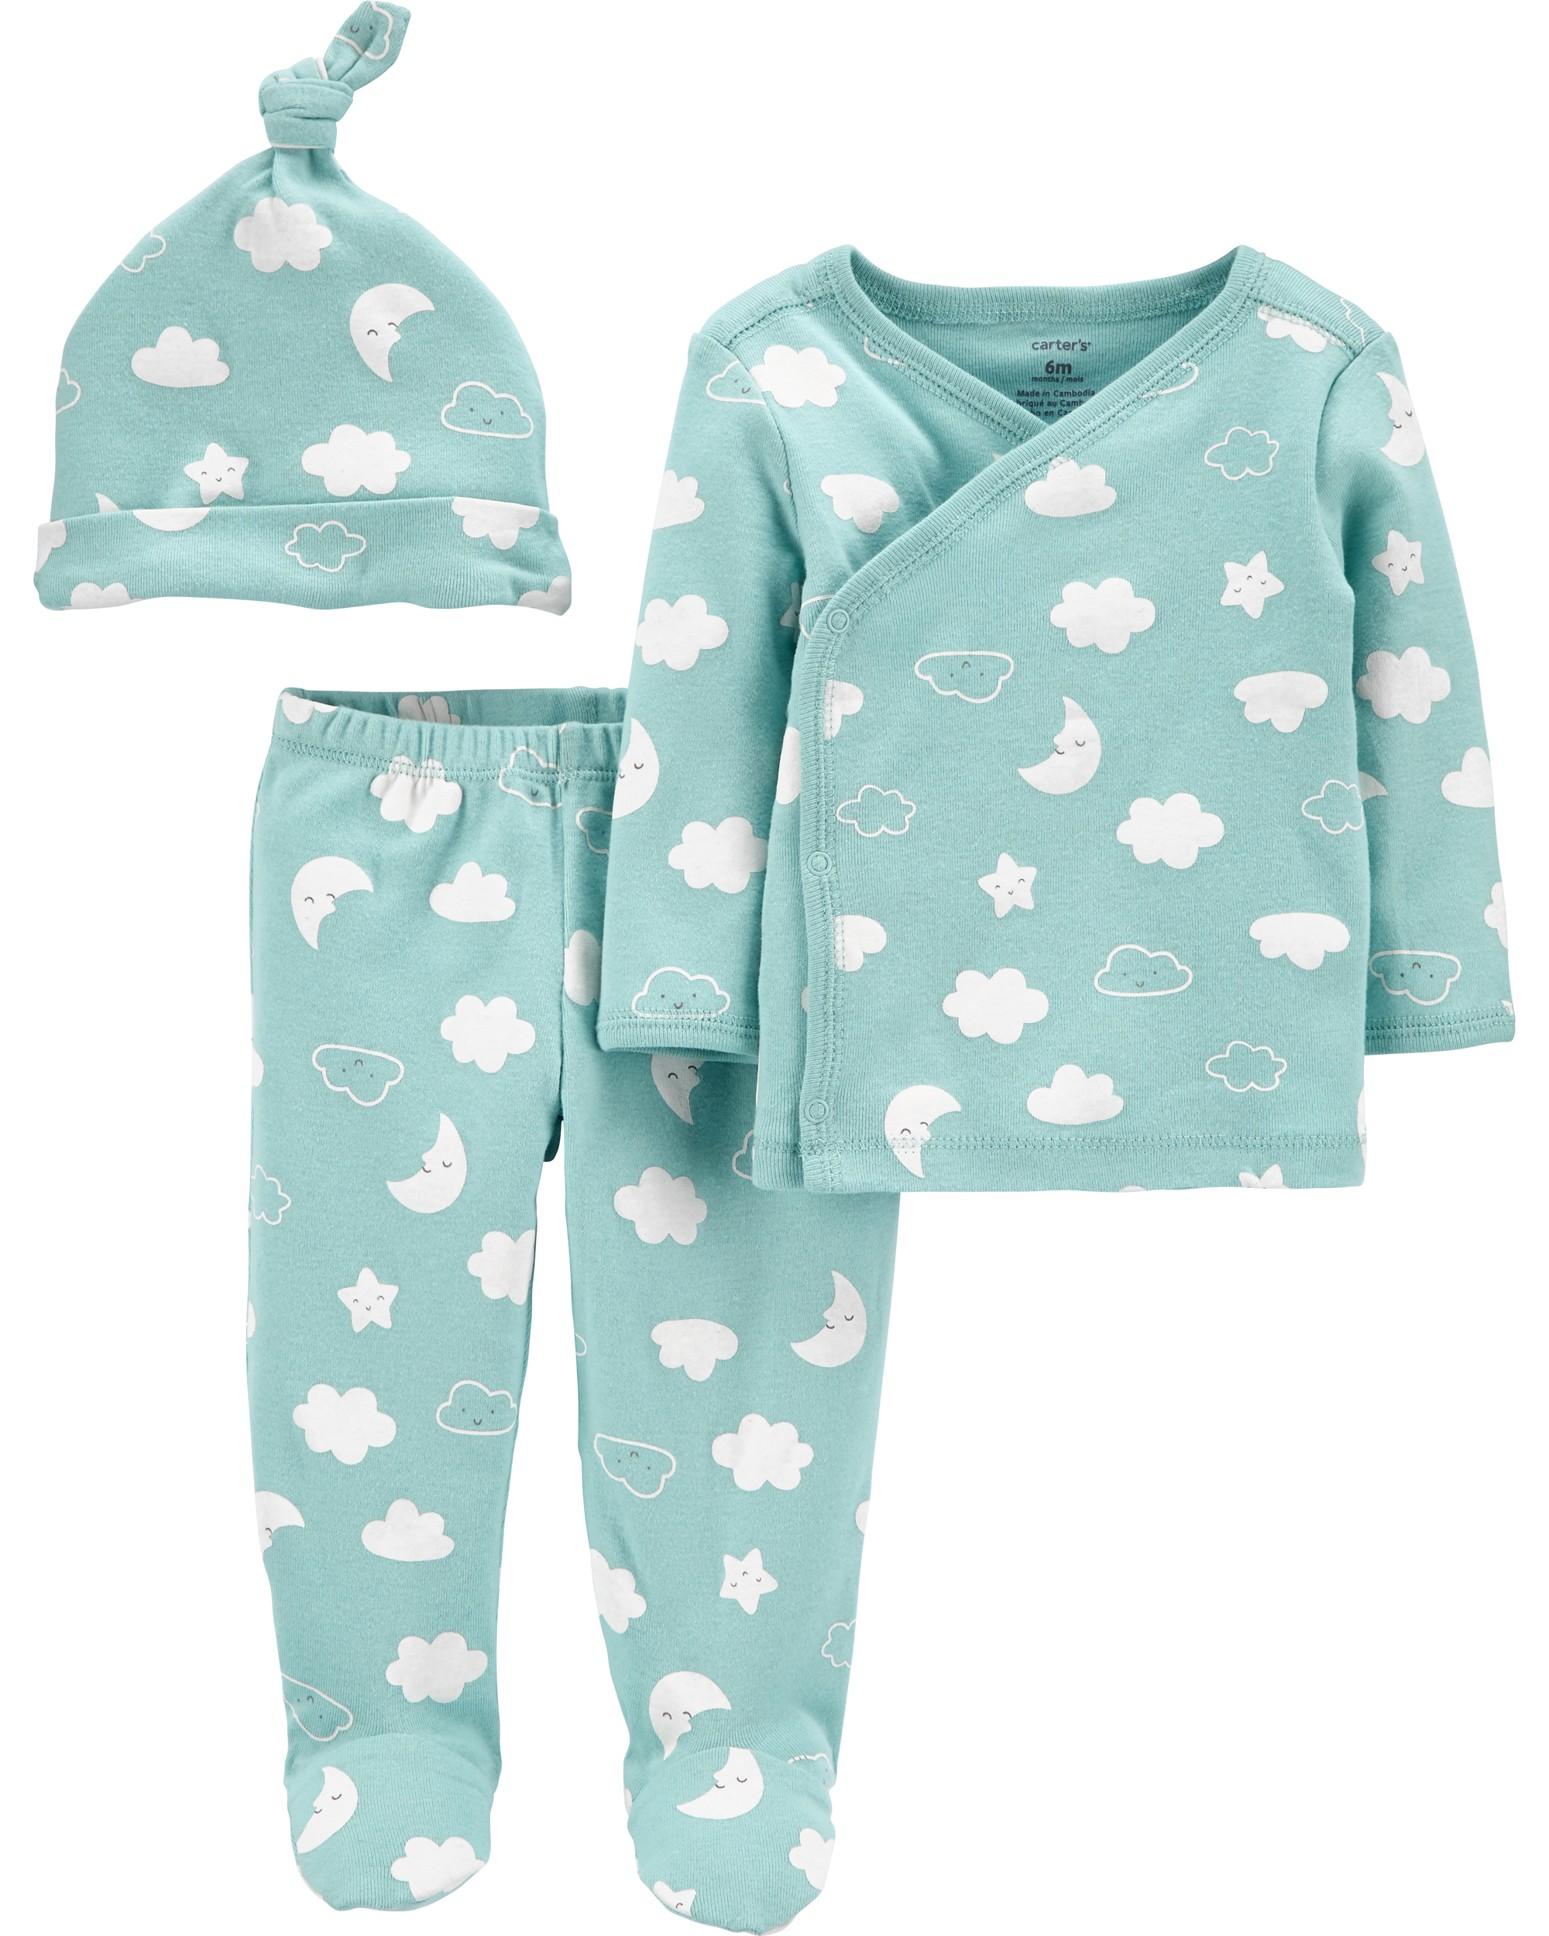 CARTER'S Set 3dielny polodupačky, tričko dl. rukáv zavinovacie, čiapka Blue Clouds neutrál LBB PRE,